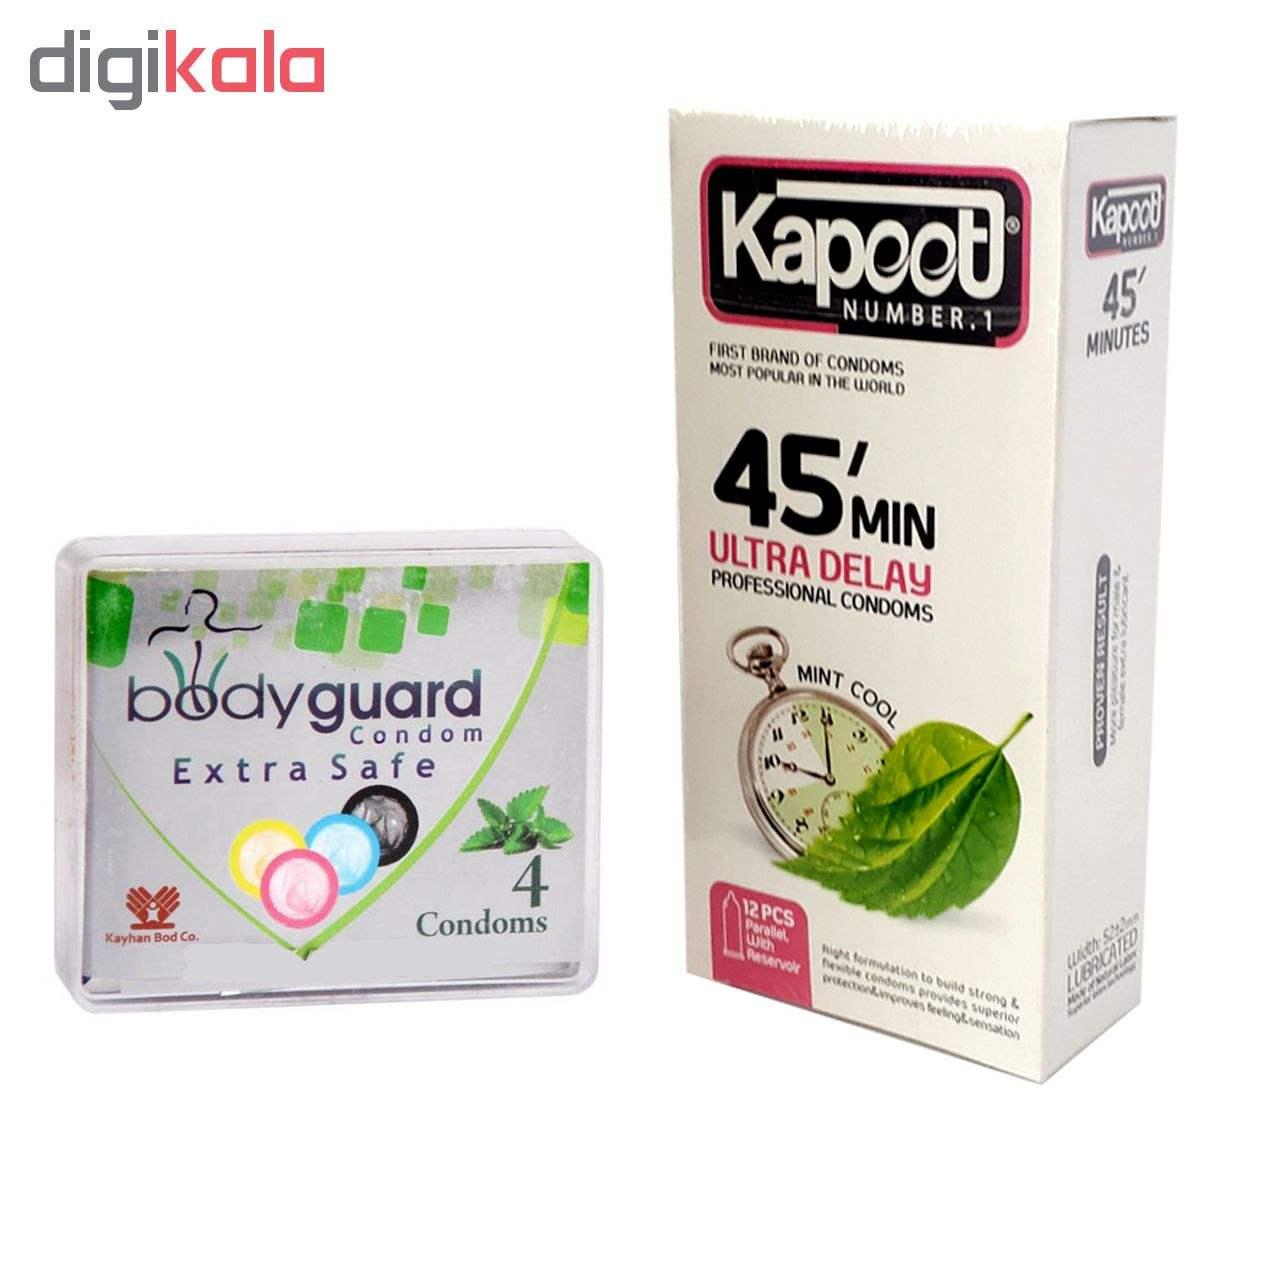 کاندوم کاپوت مدل 45Minutes بسته 12 عددی به همراه کاندوم بادیگارد مدل Extra Safe بسته 4 عددی main 1 1